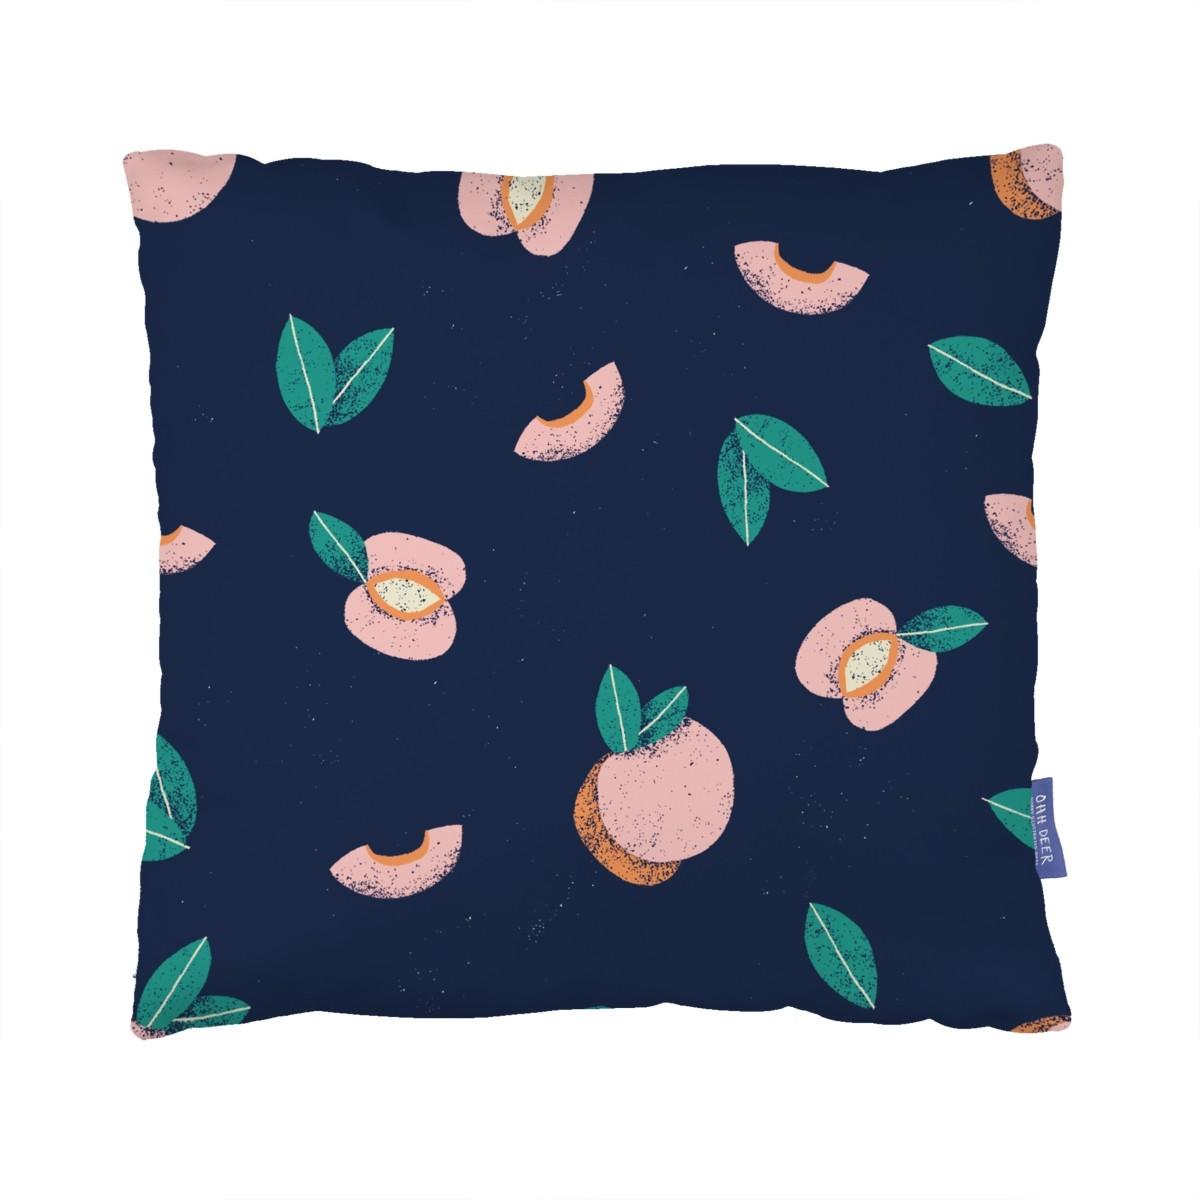 sei-h-001_peaches_mock_up.jpeg